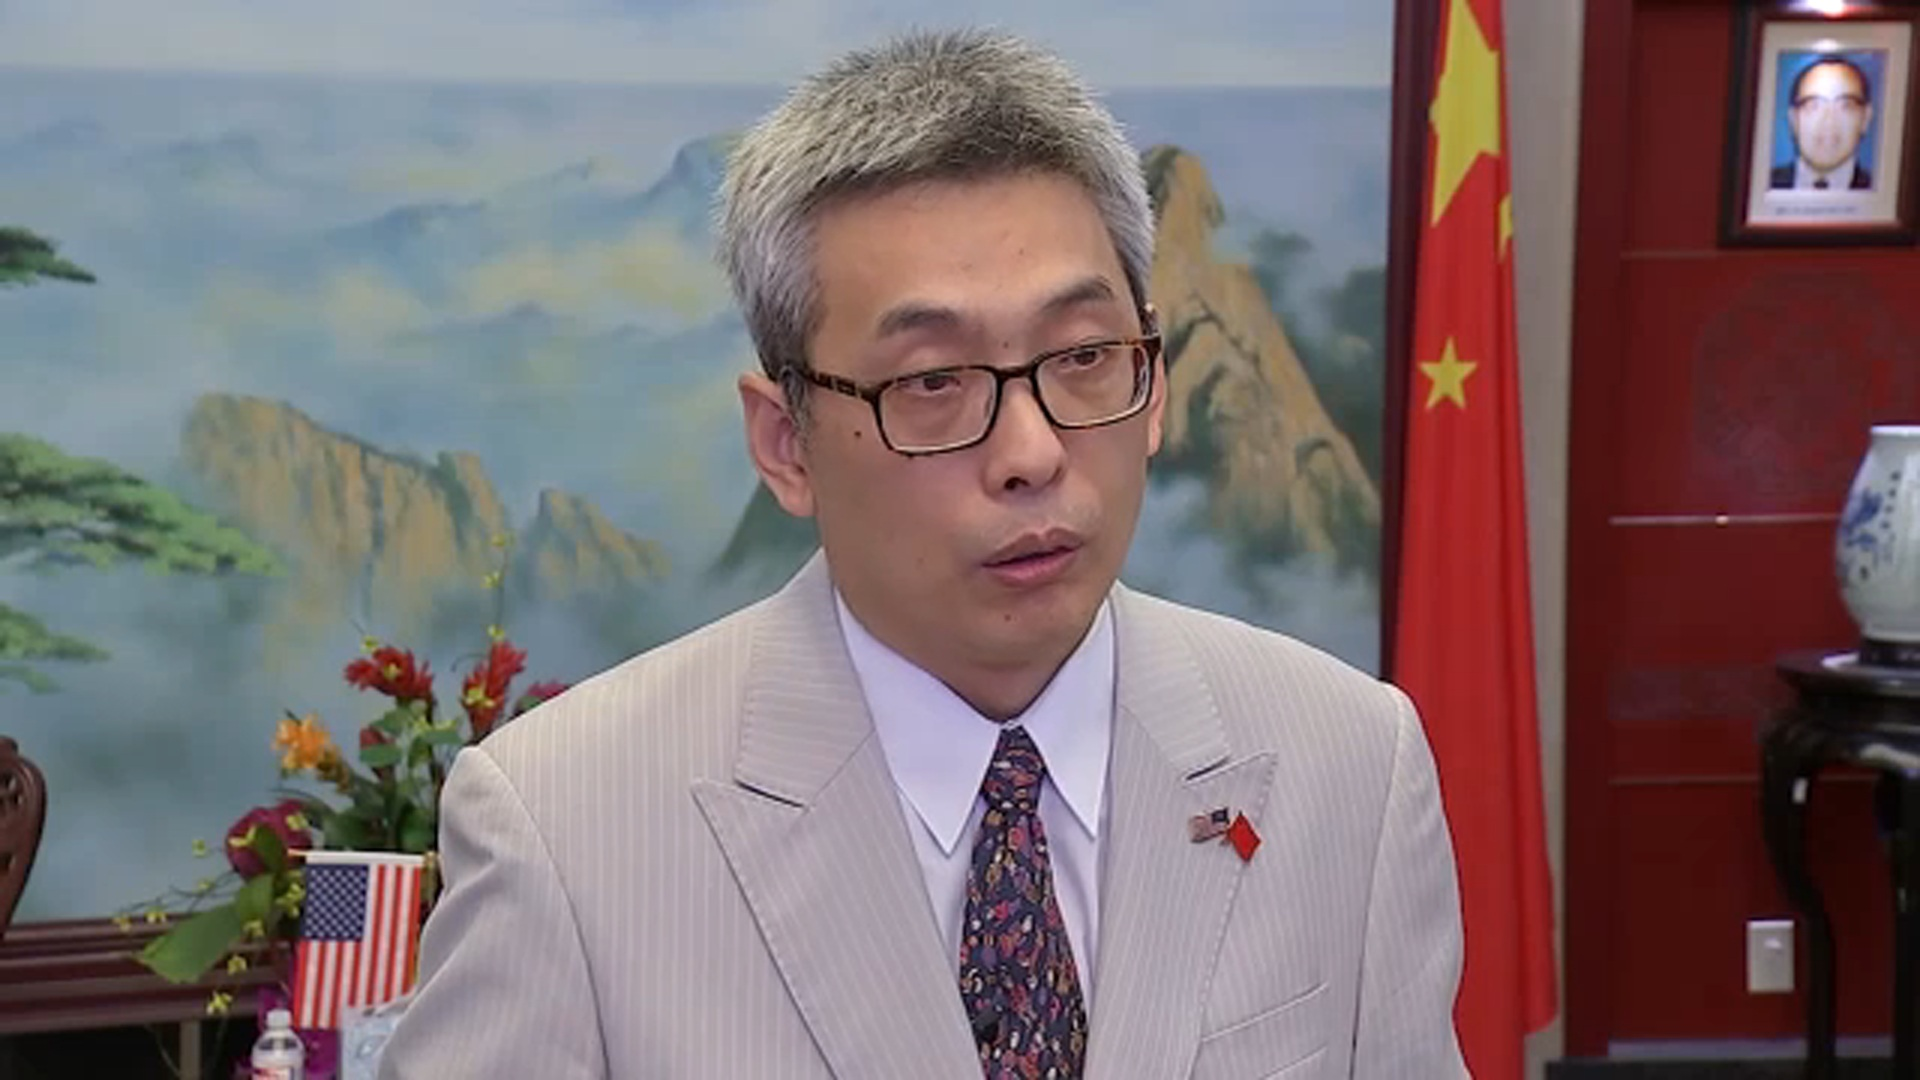 Trung Quốc tiếp tục mở cửa lãnh sự quán Houston bất chấp tối hậu thư của Mỹ